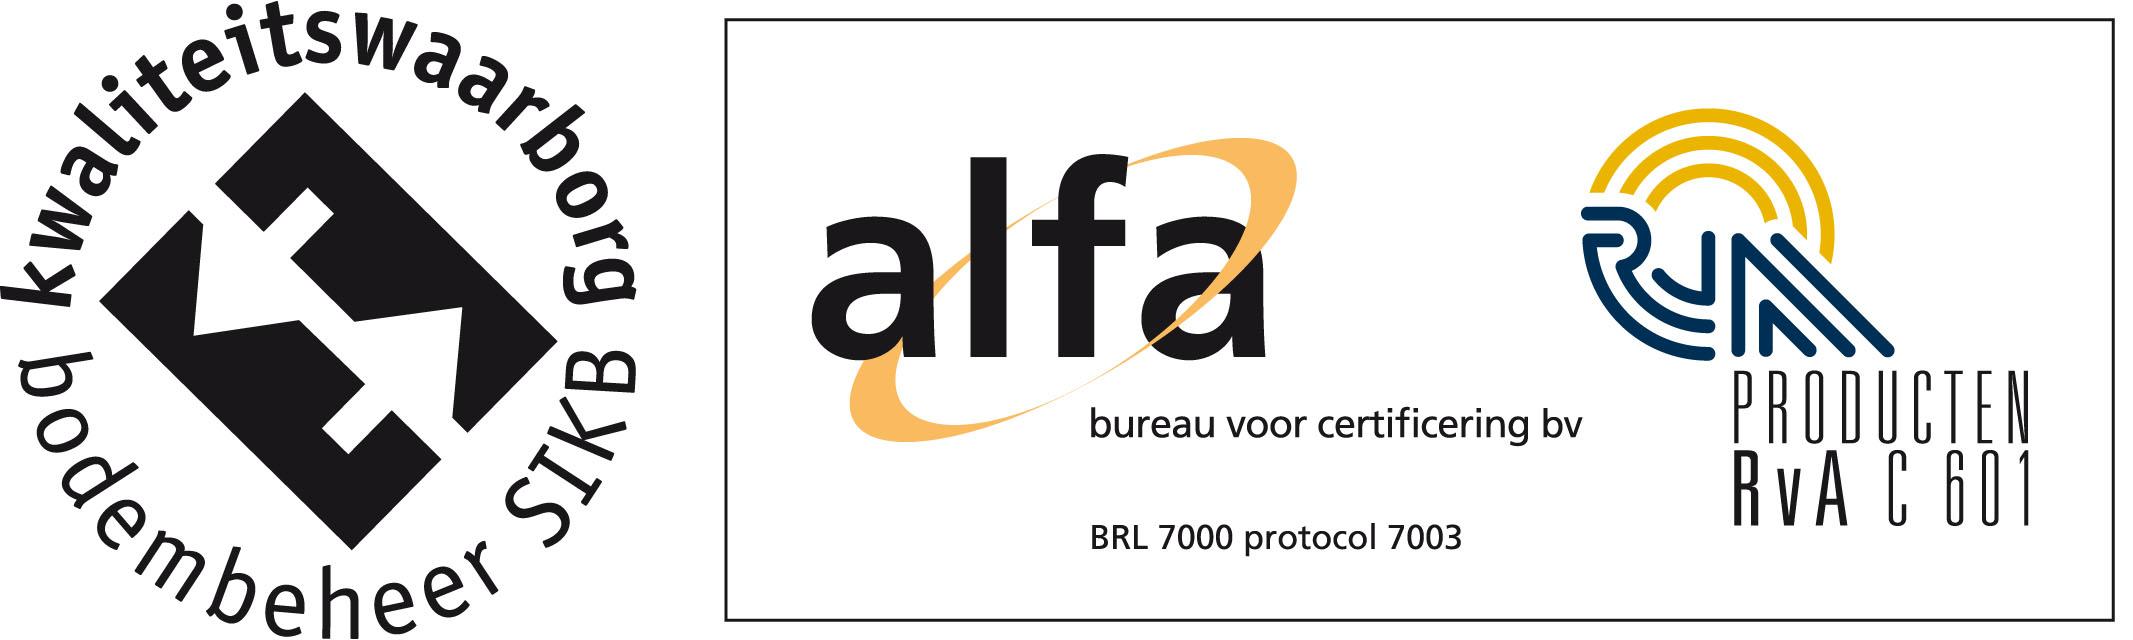 Logo_BRL_7000_protocol_7003.jpg